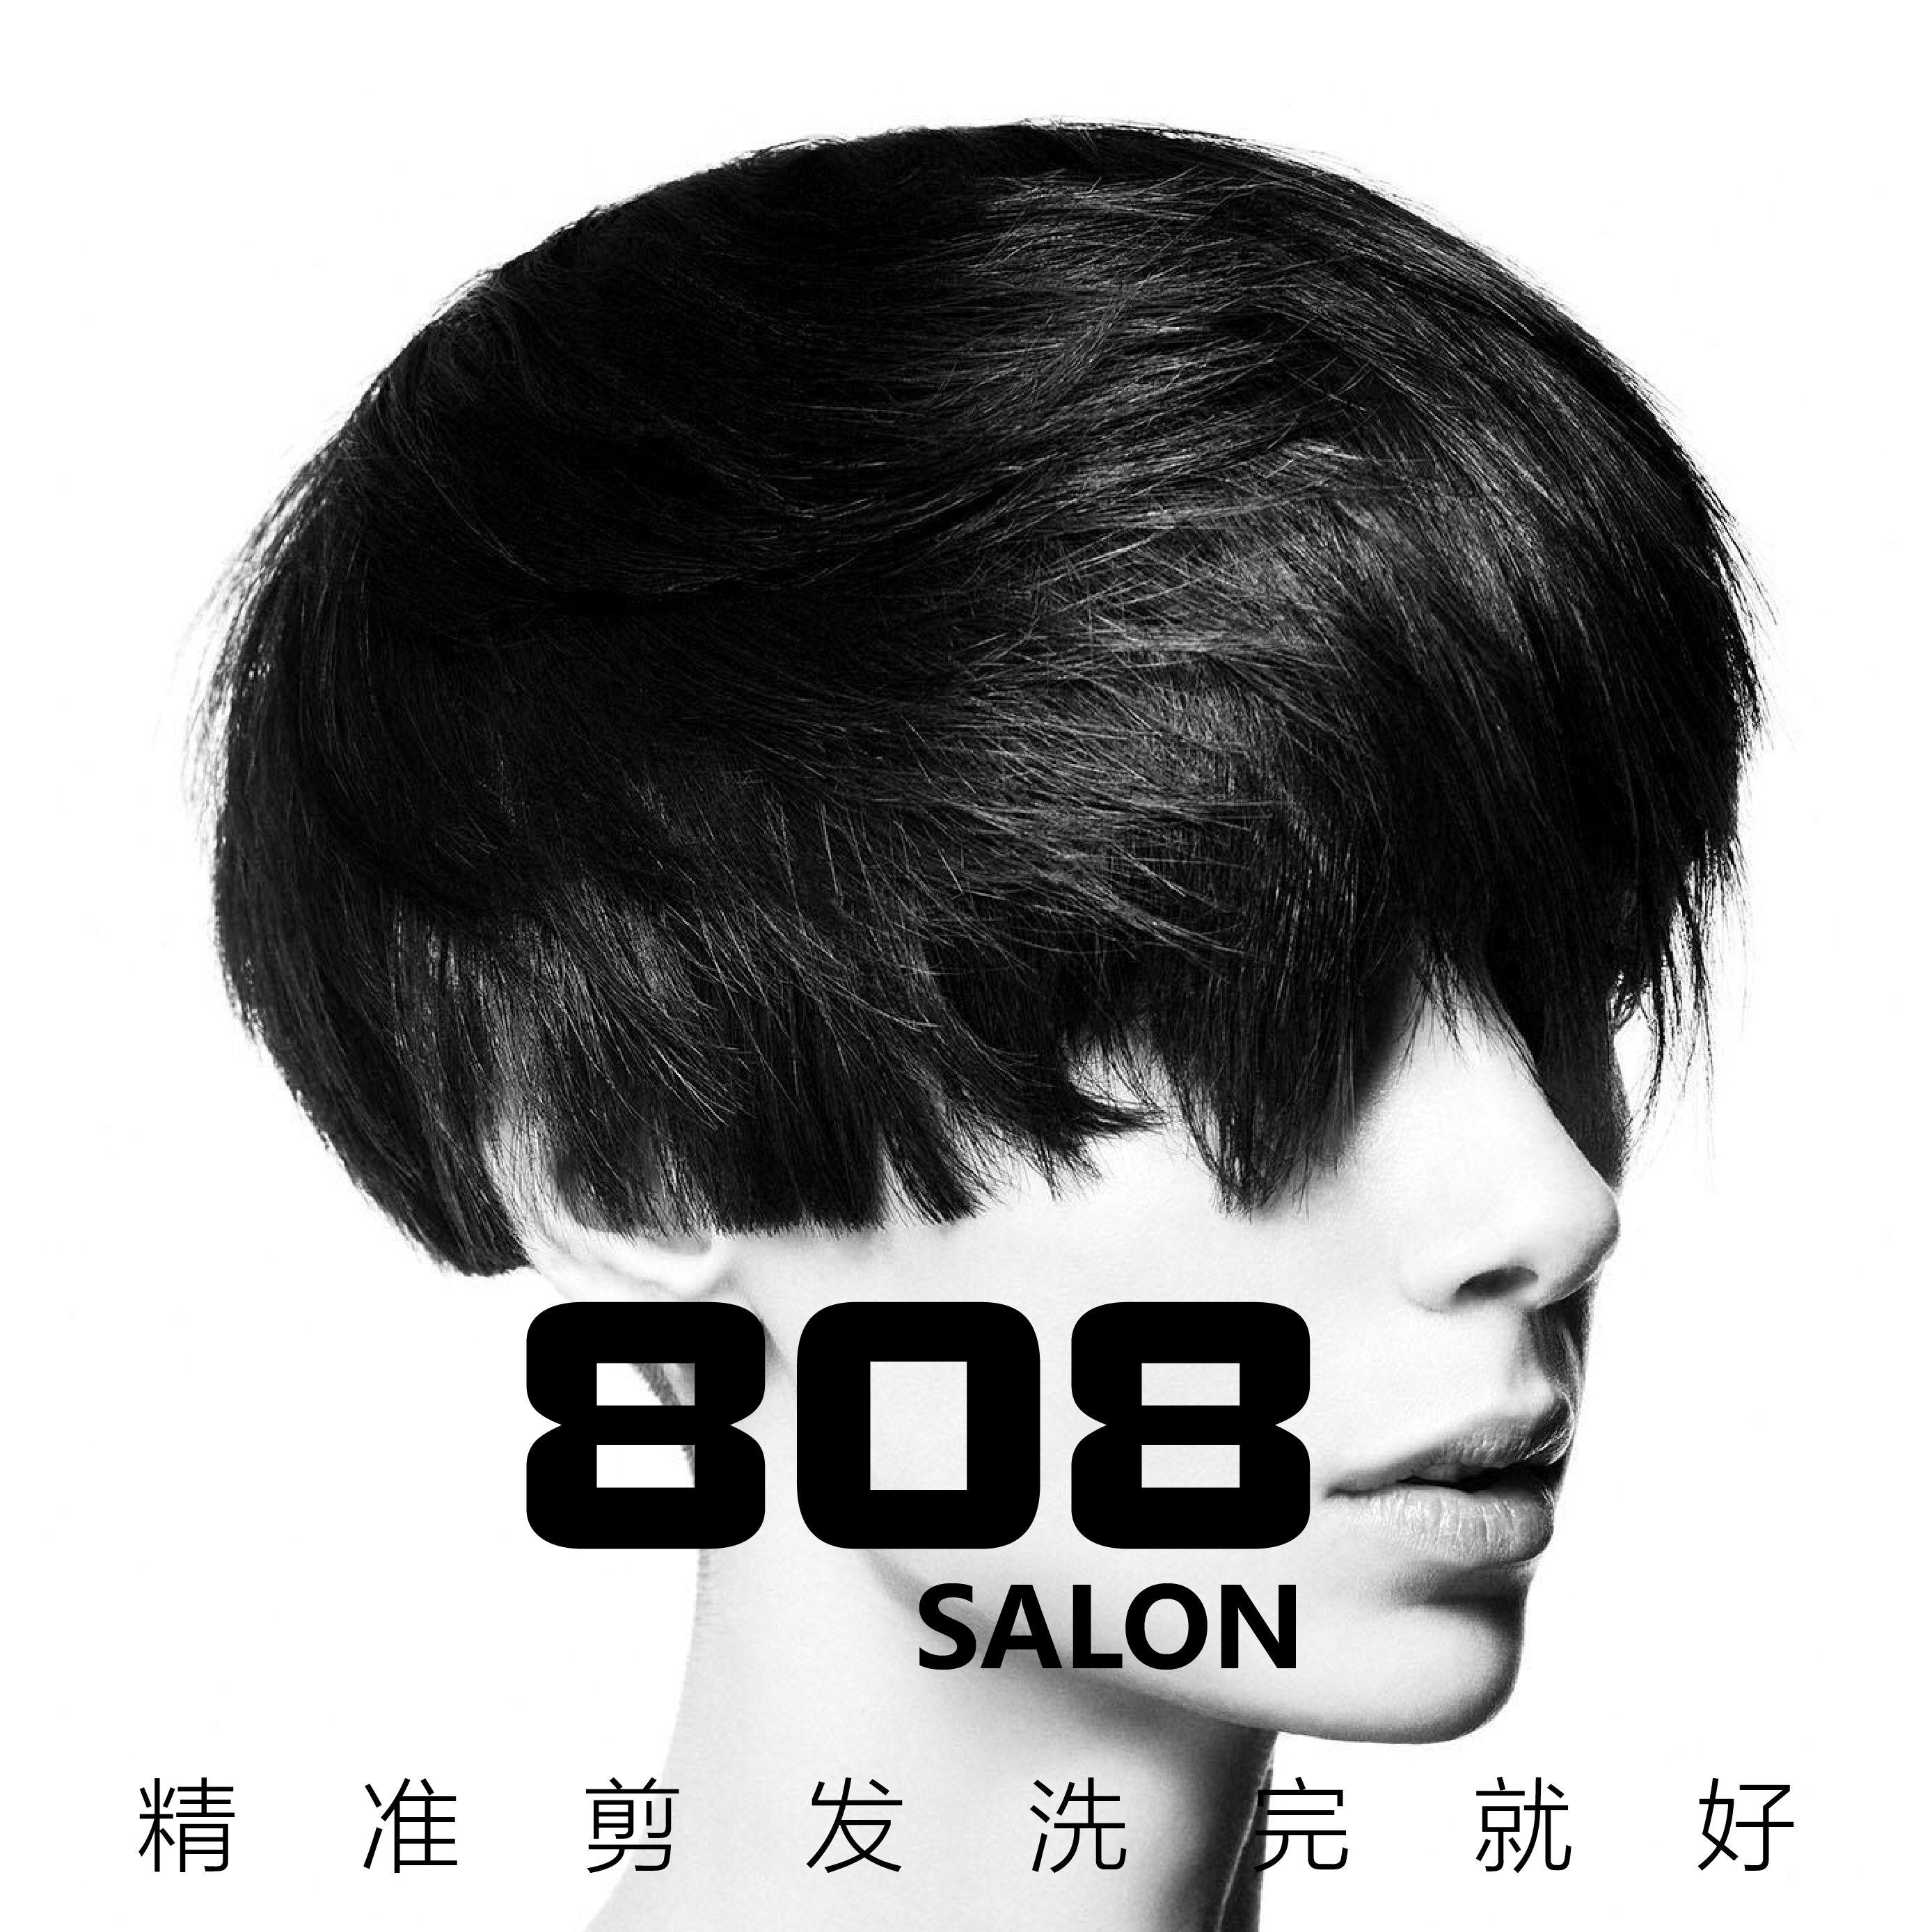 808SaIon